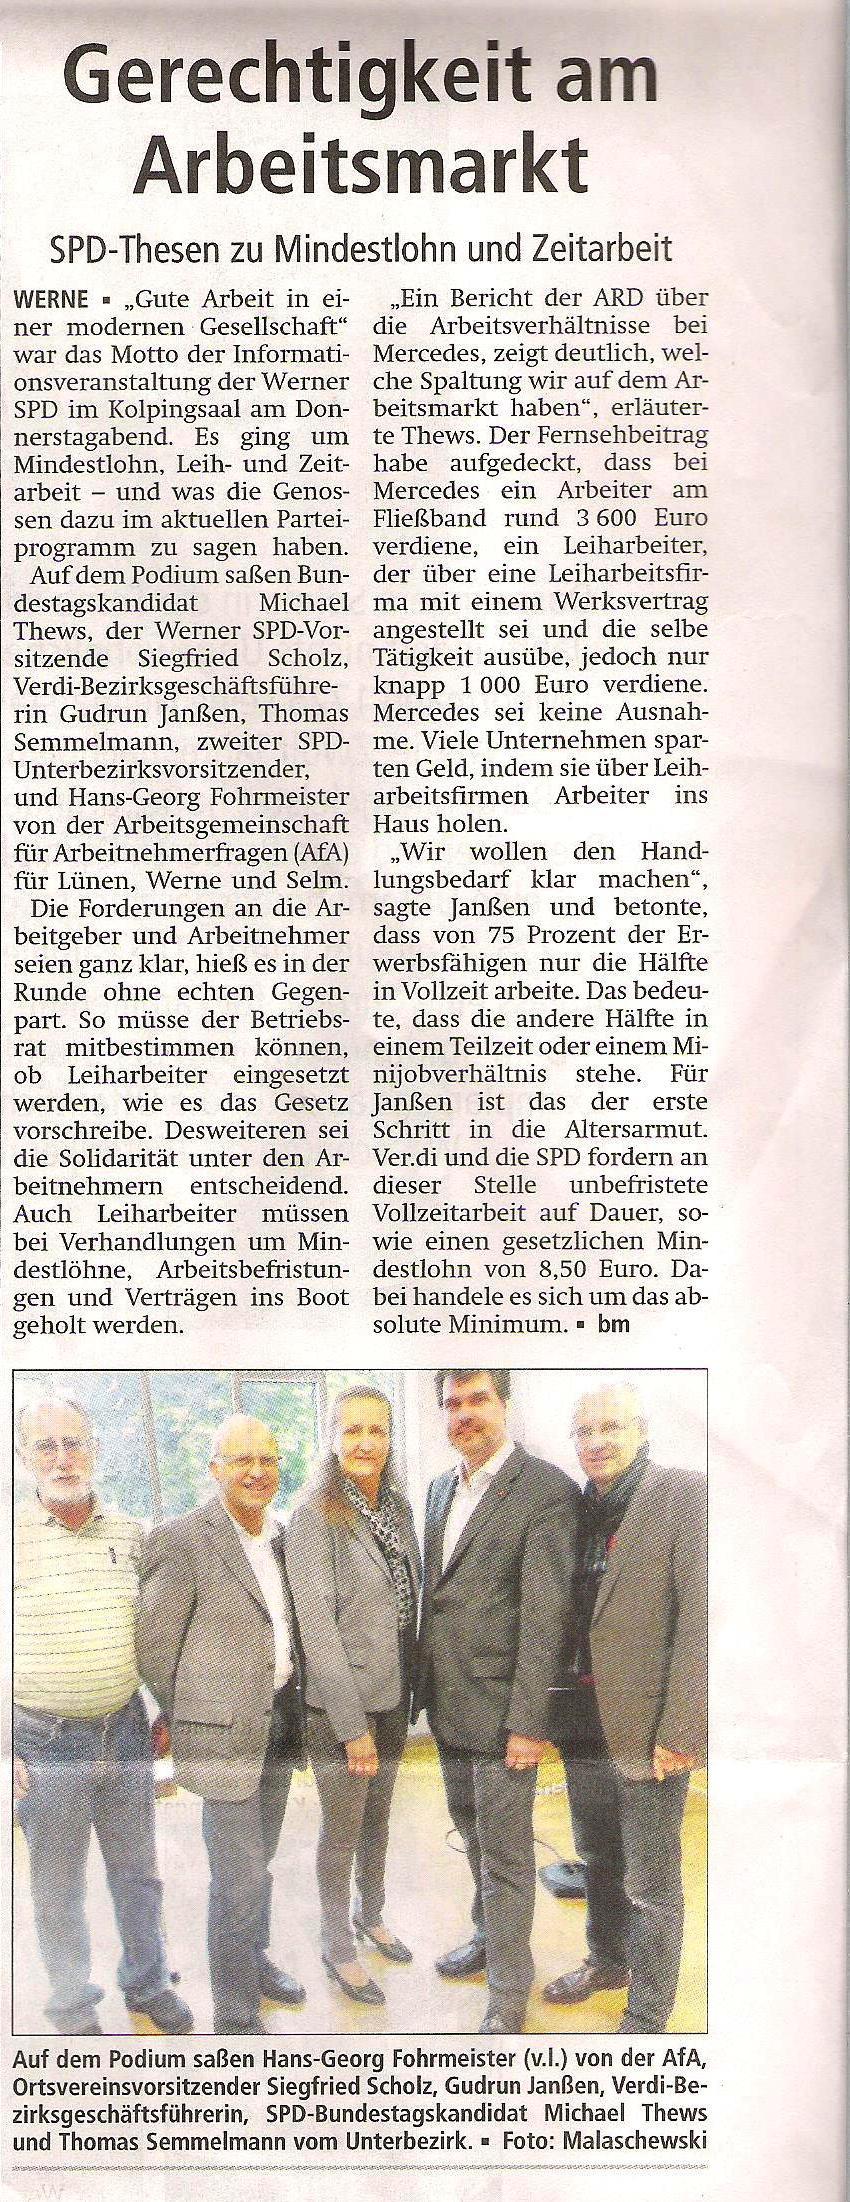 Westfälischer Anzeiger vom 18.Mai 2013